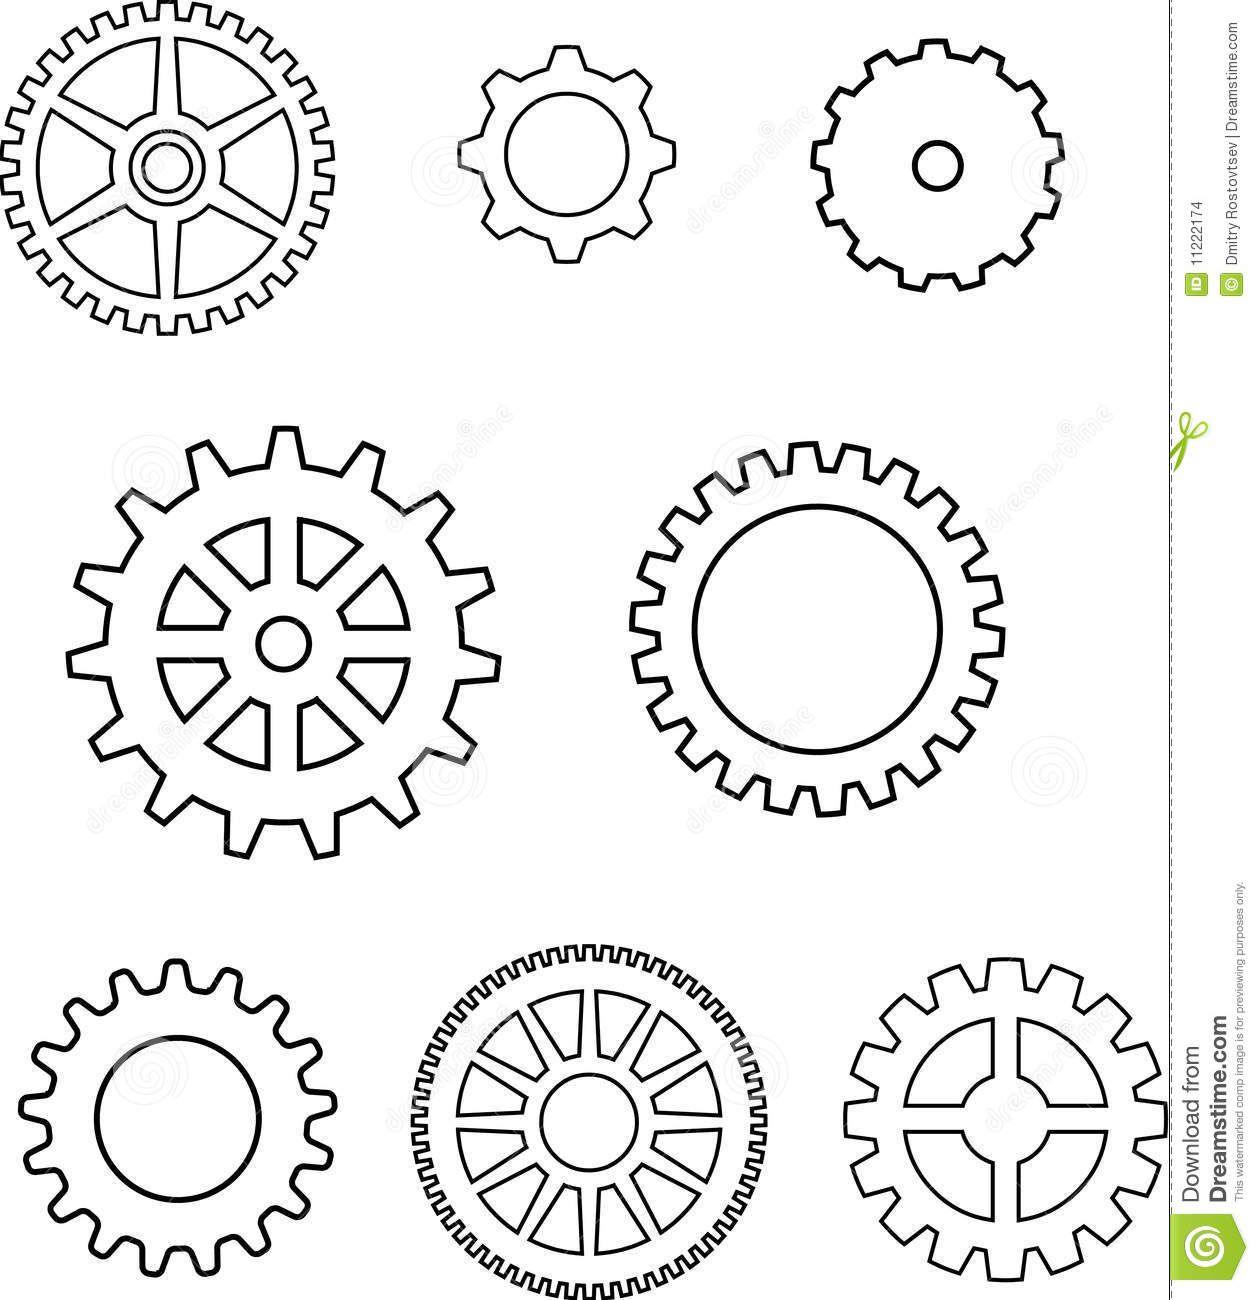 gear template google search gears clocks keys silhouettes